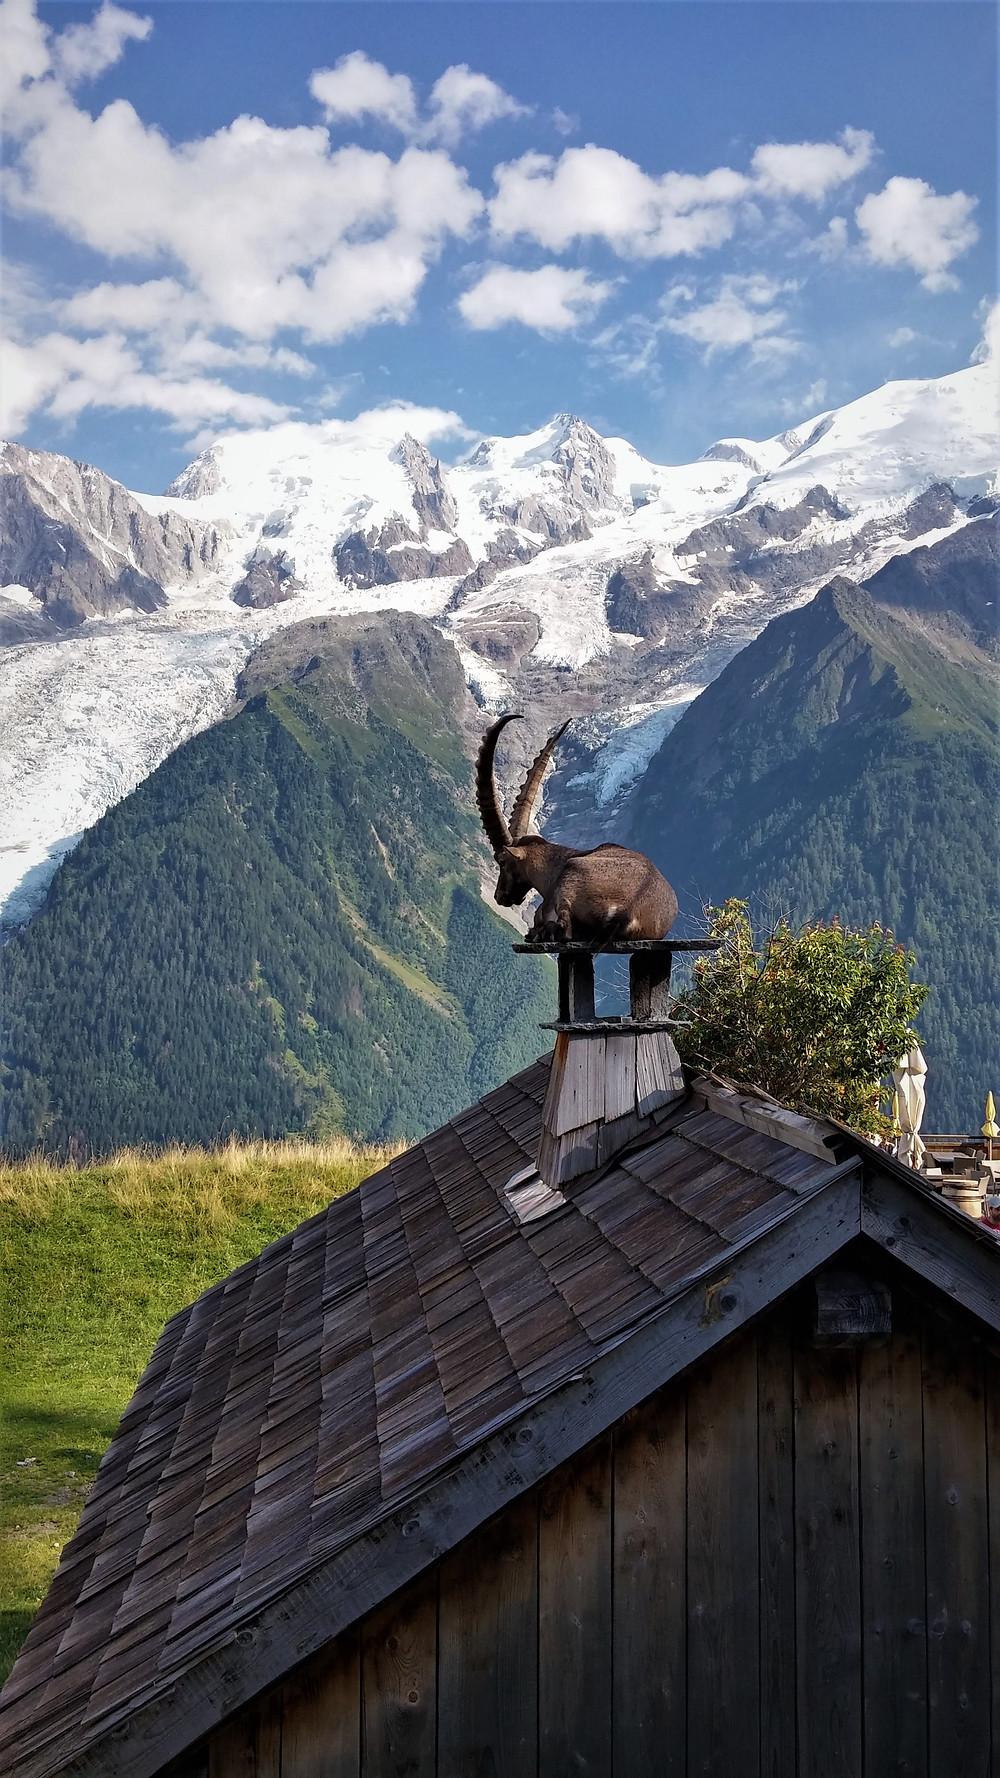 פארק האיילים באלפים הצרפתיים